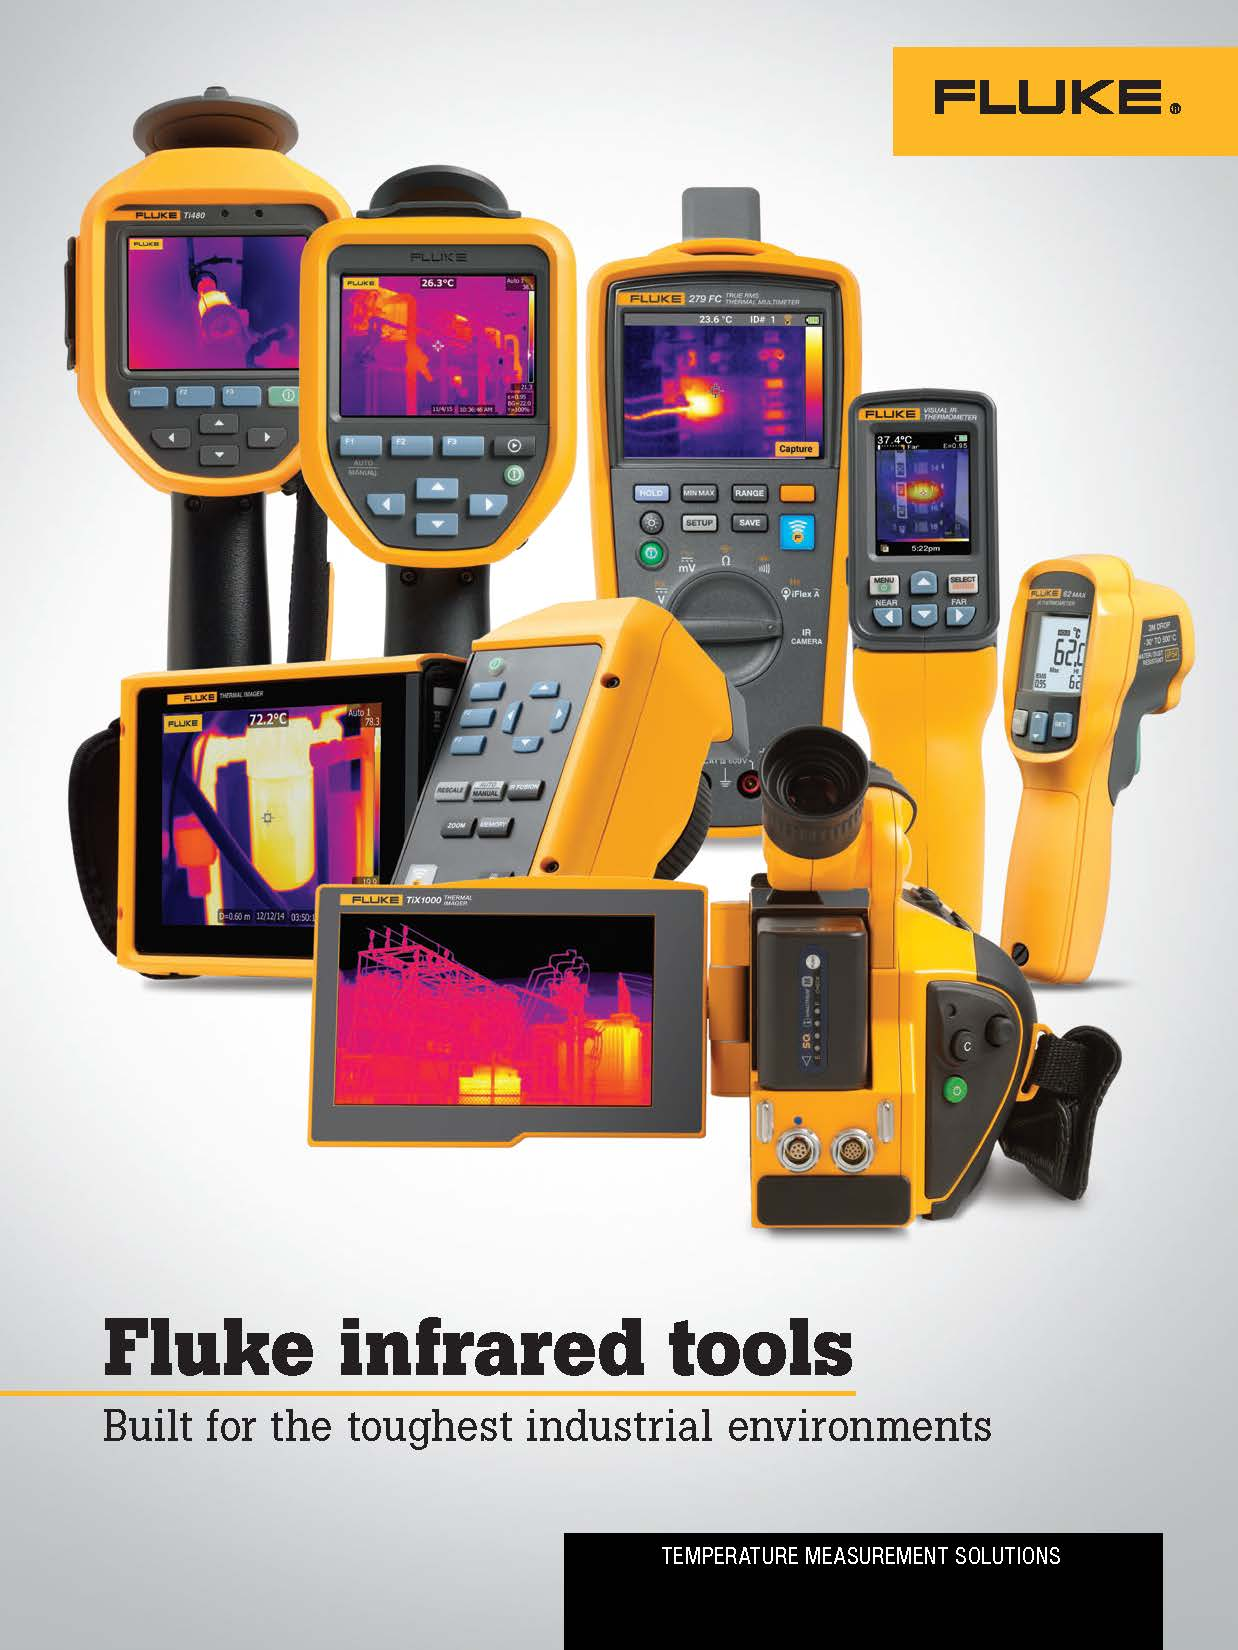 Fluke TFluke Thermography Product Family Brochurehermography Product Family Brochure